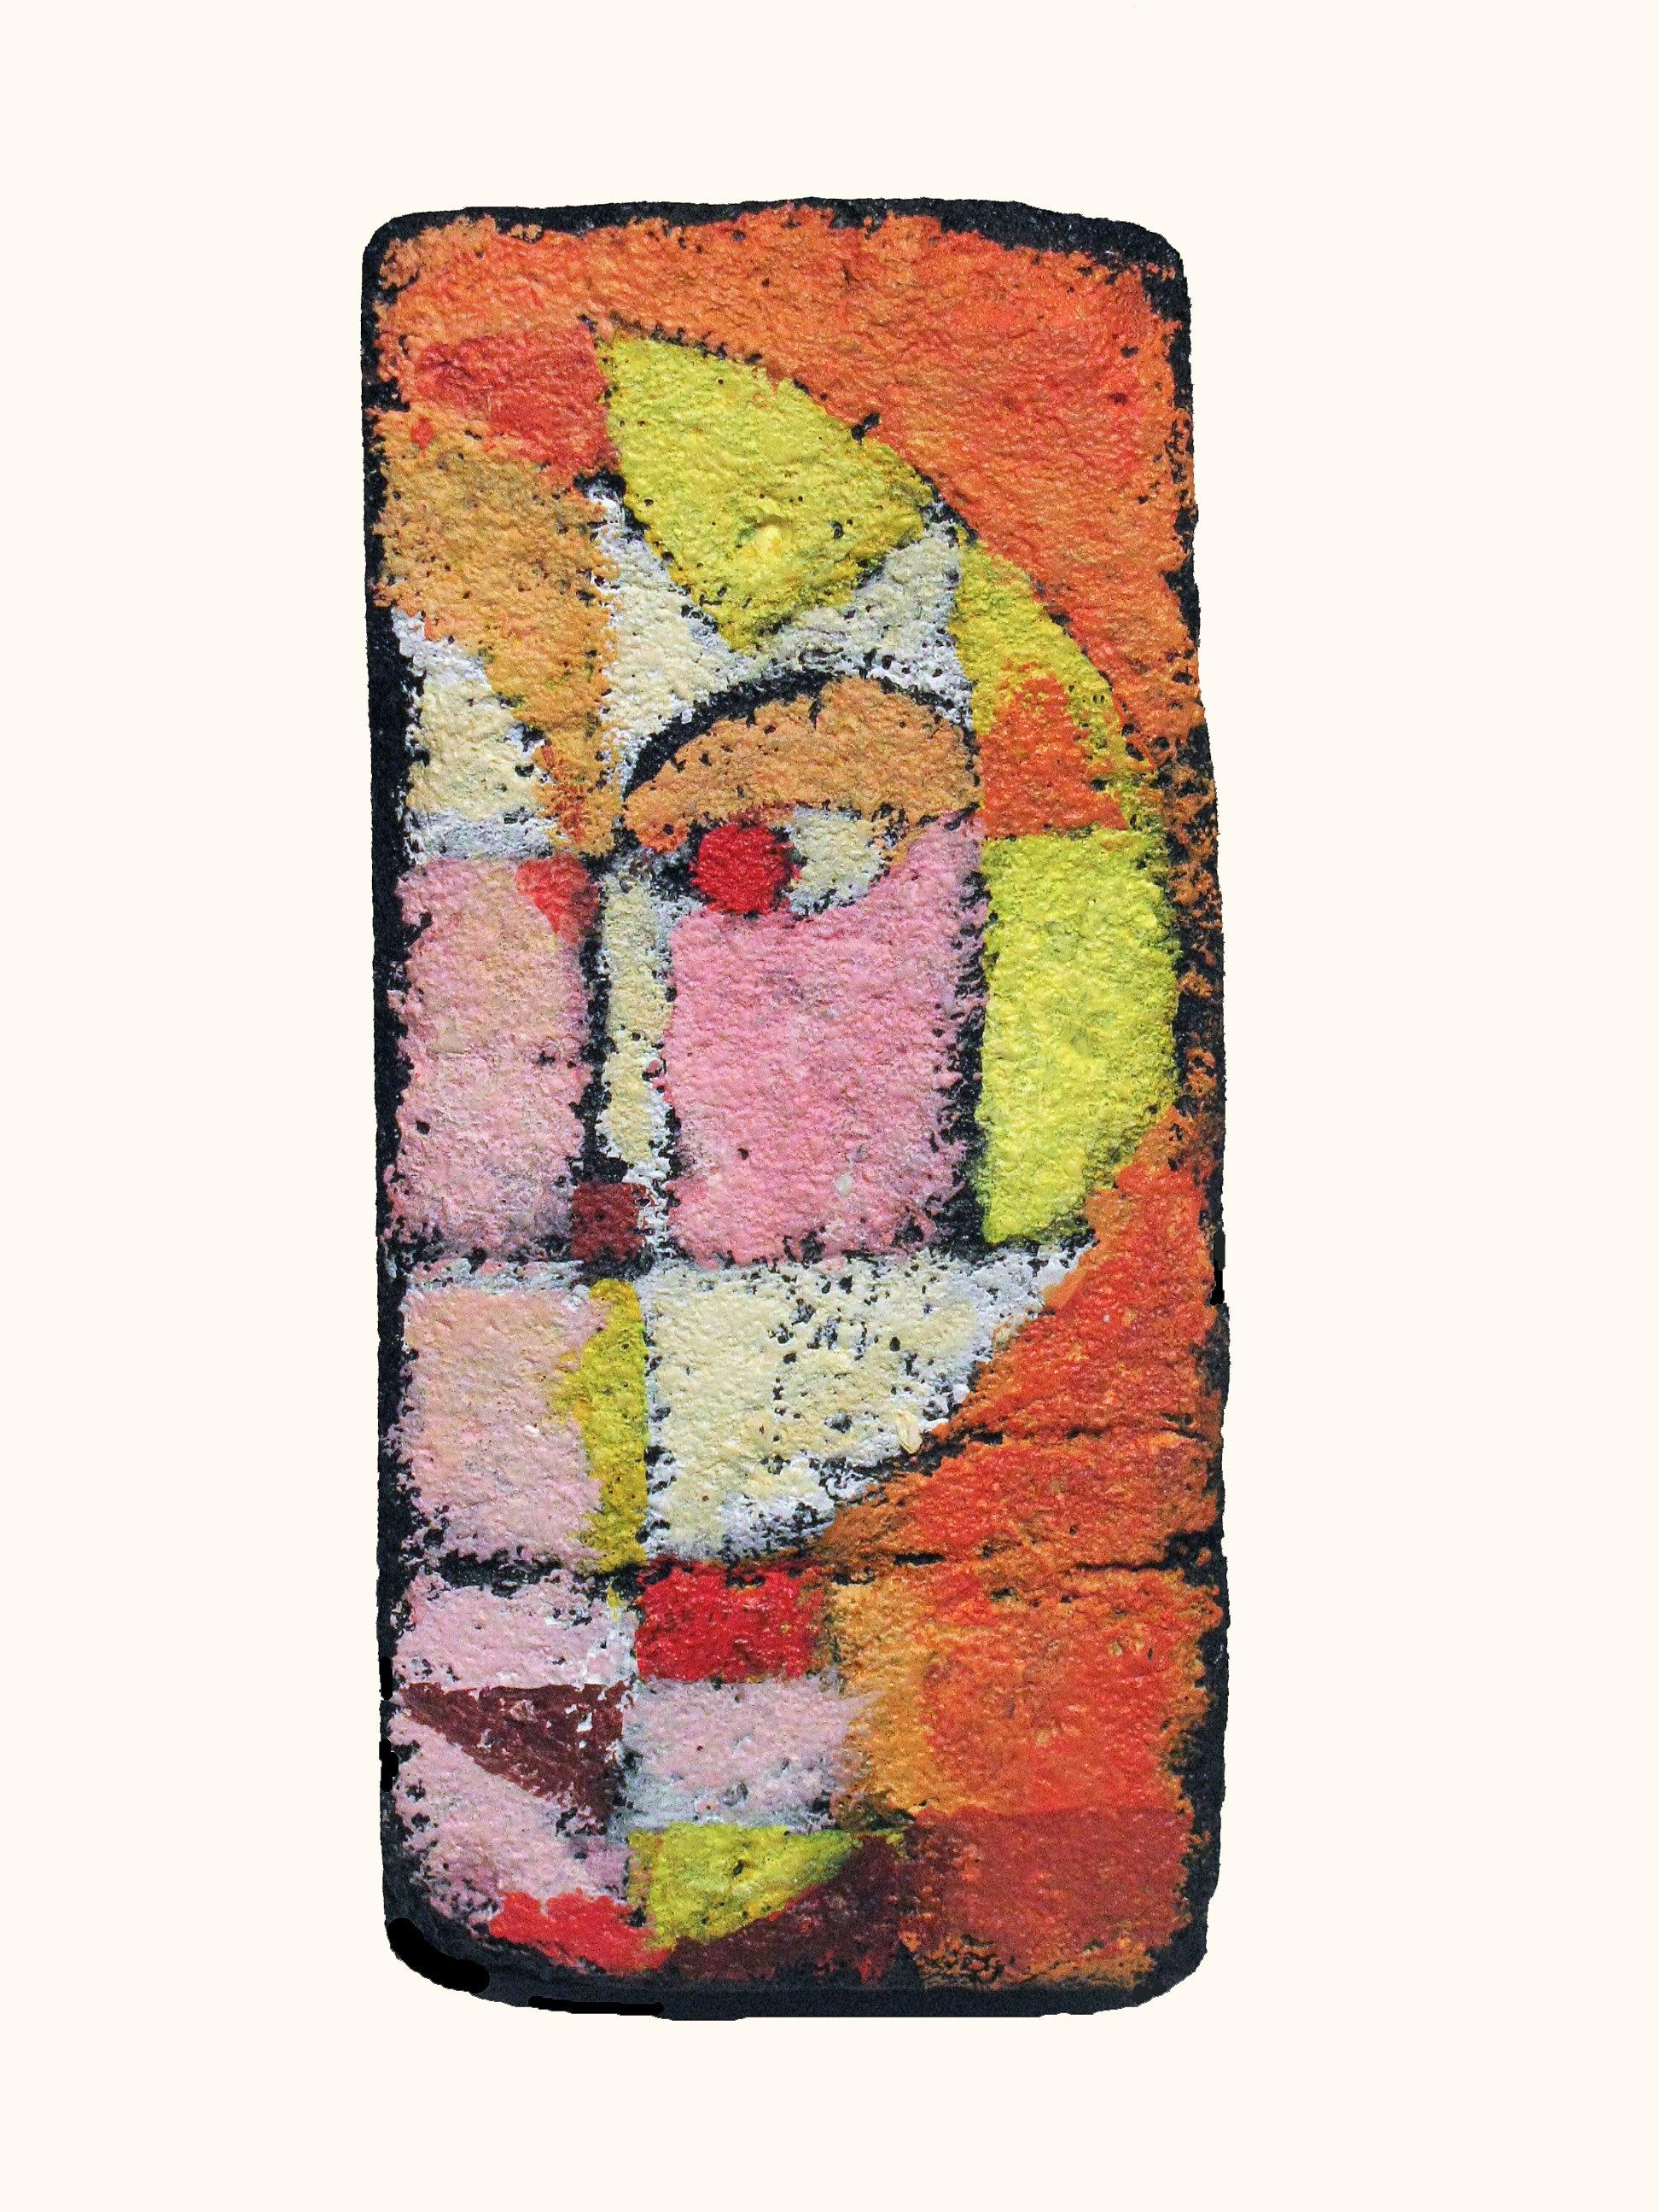 Paul Klee Print